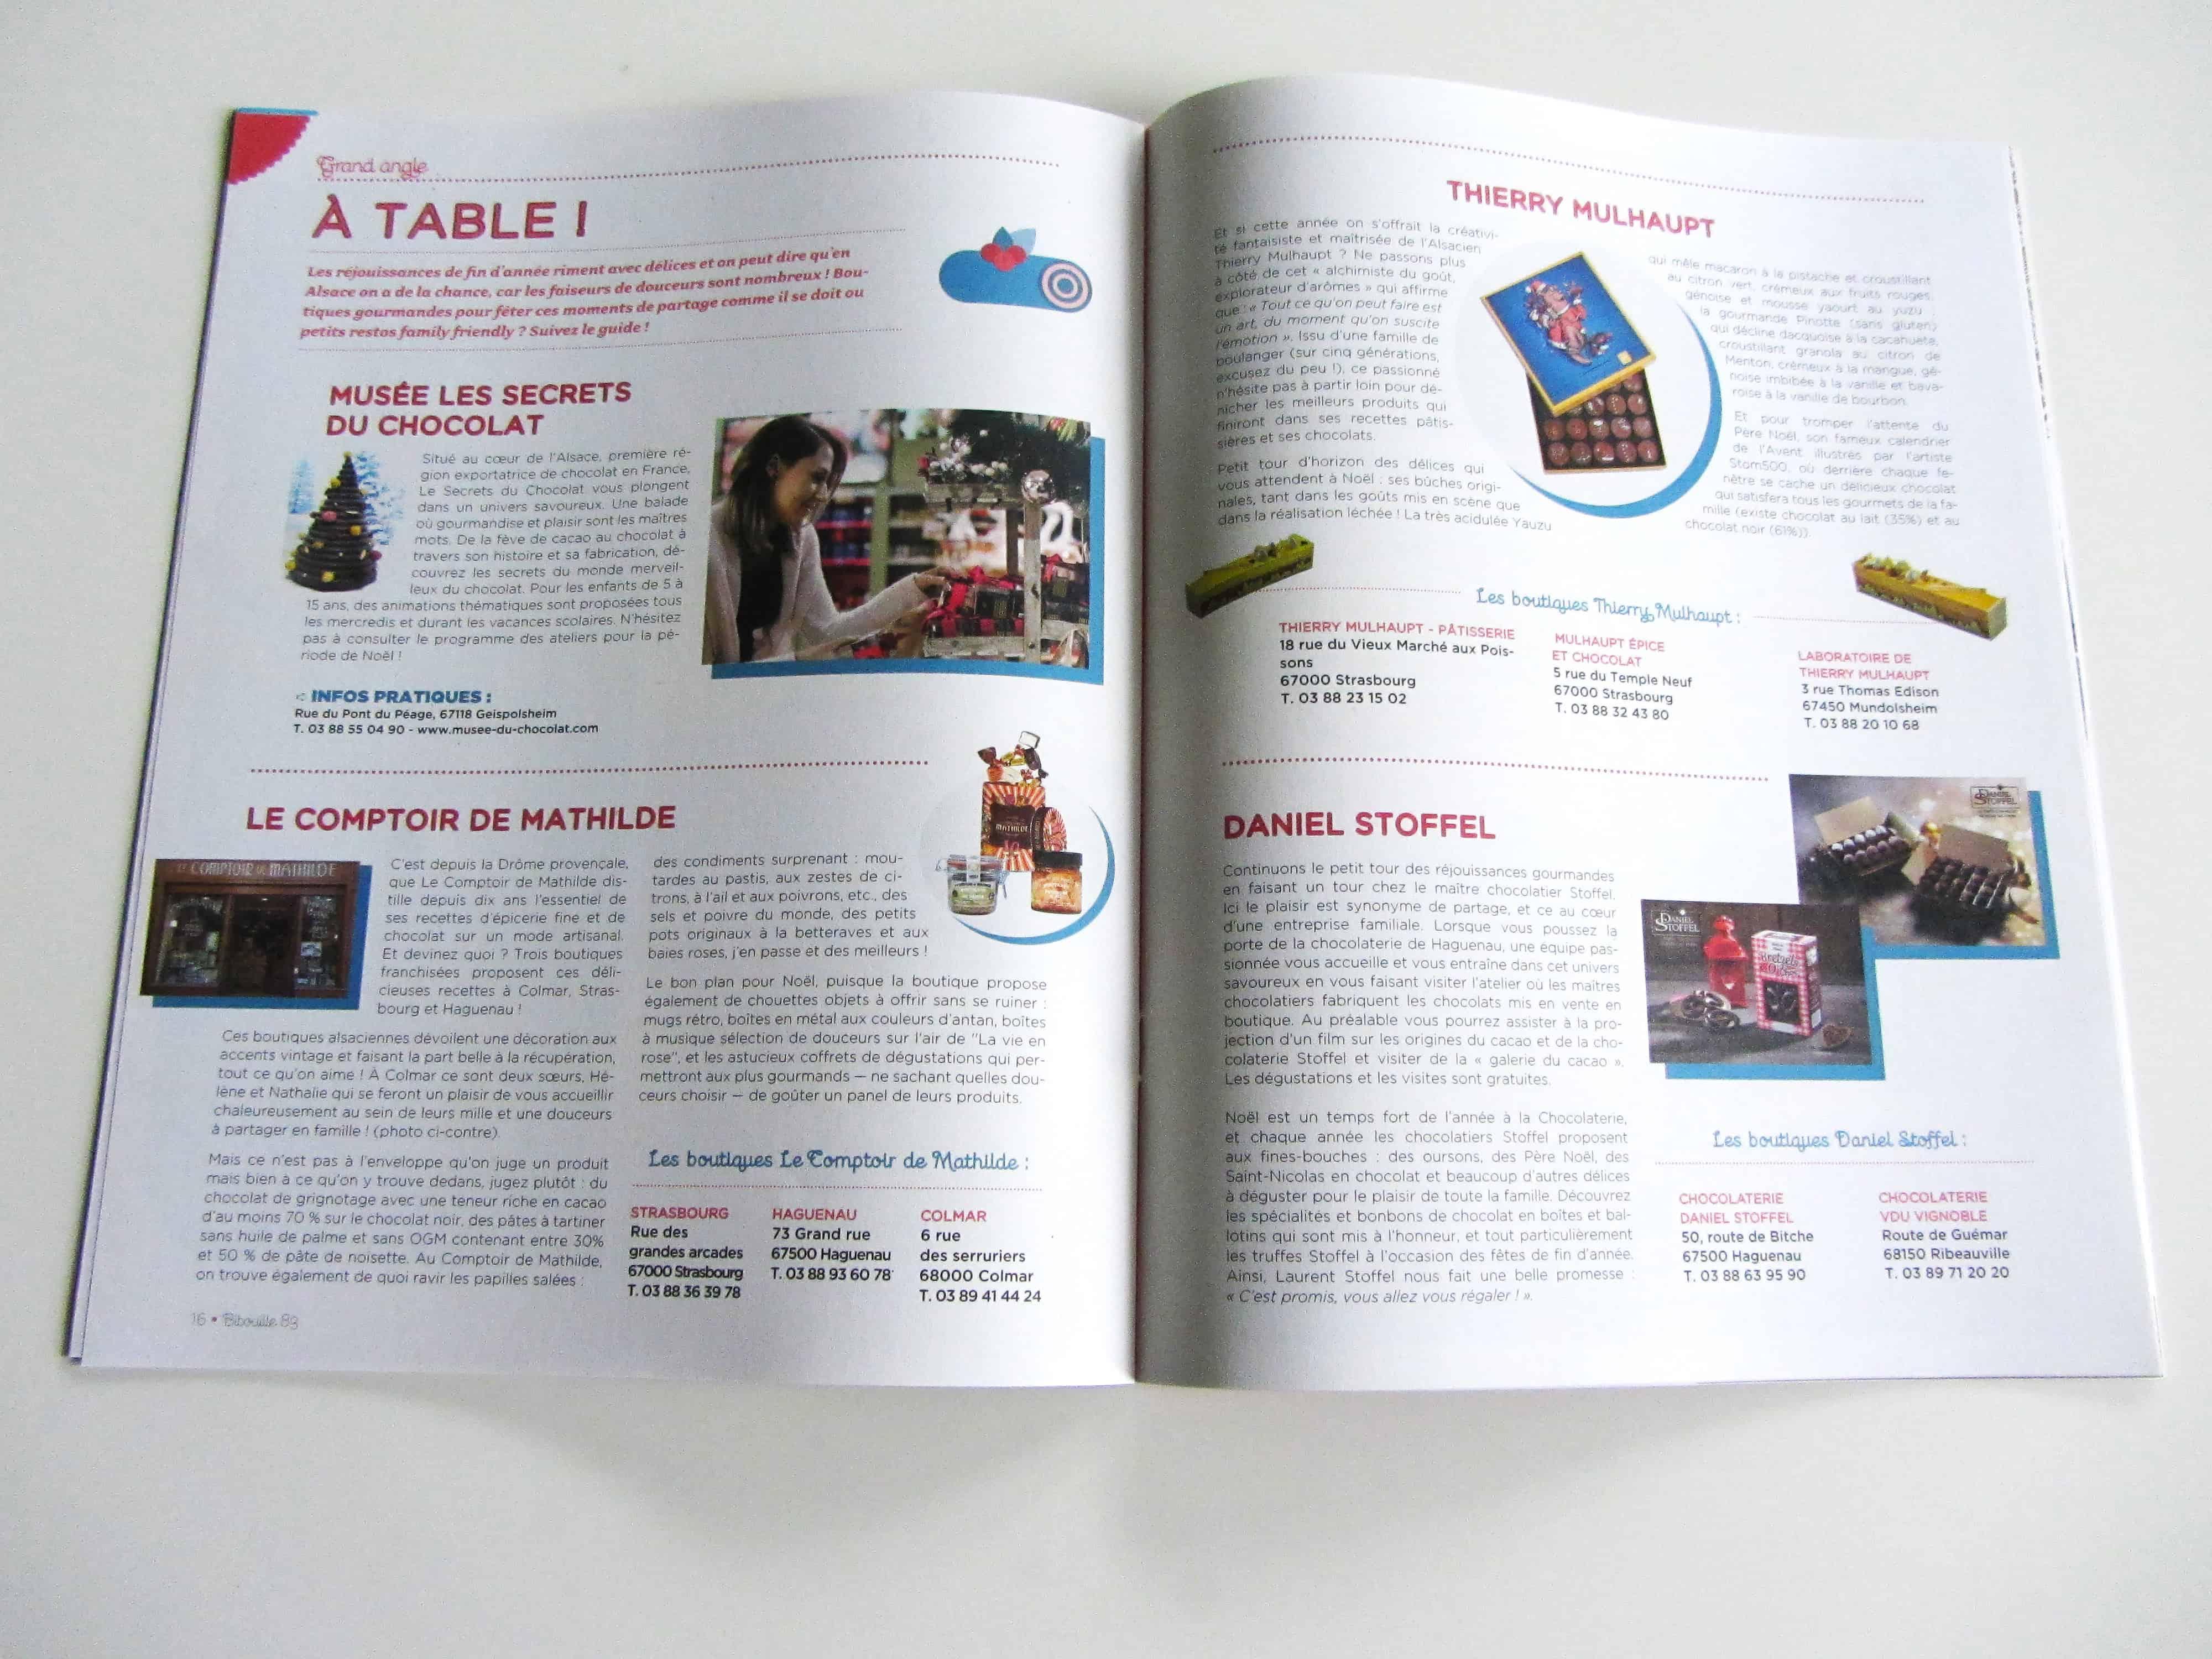 mise-en-page-de-la-rubrique-grand-angle-du-magazine-bibouille-destine-aux-famille-edition-en-alsace